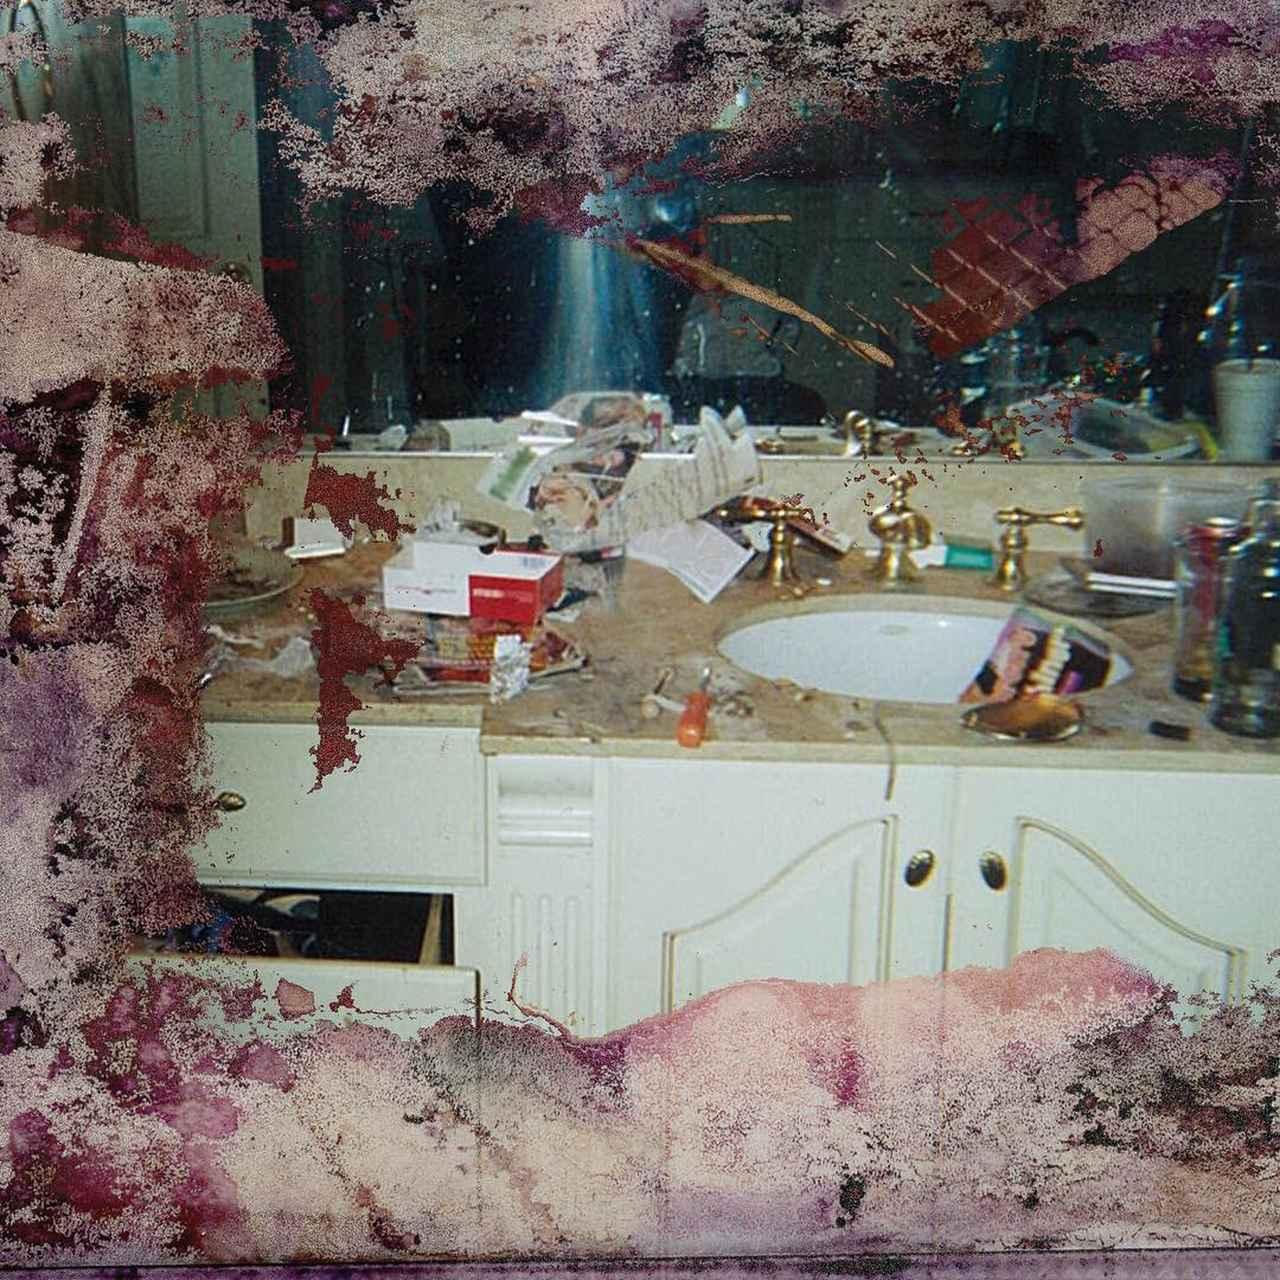 画像1: Pusha TさんはInstagramを利用しています:「I finally got my album art... #DAYTONA 5/25」 www.instagram.com